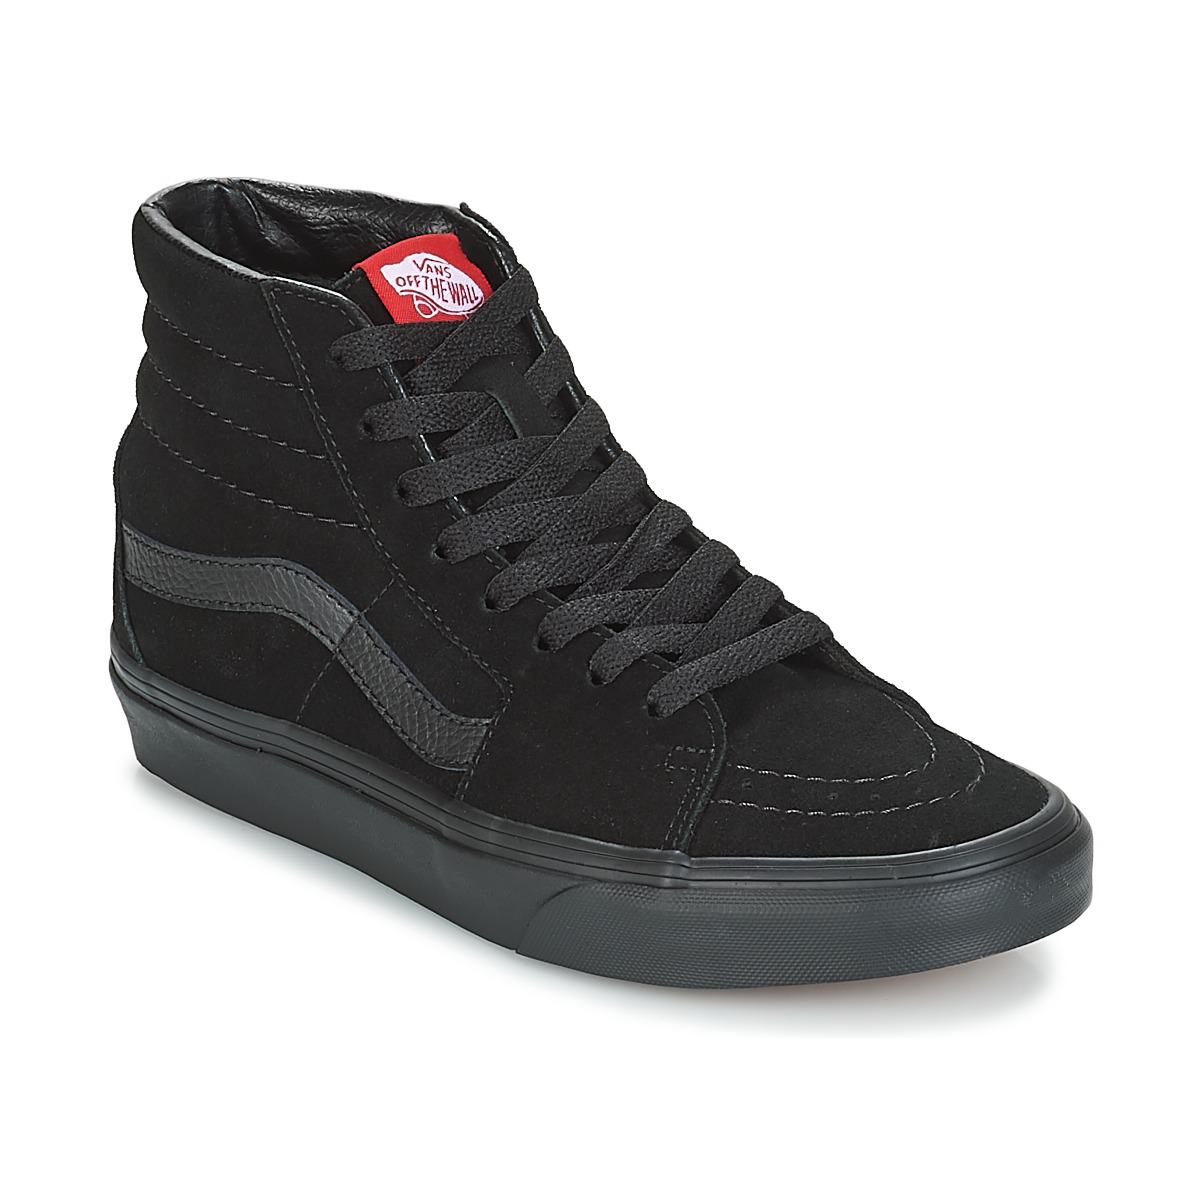 5c3aa6fdee Vans - Sk8-hi Women s Shoes (high-top Trainers) In Black -. View fullscreen